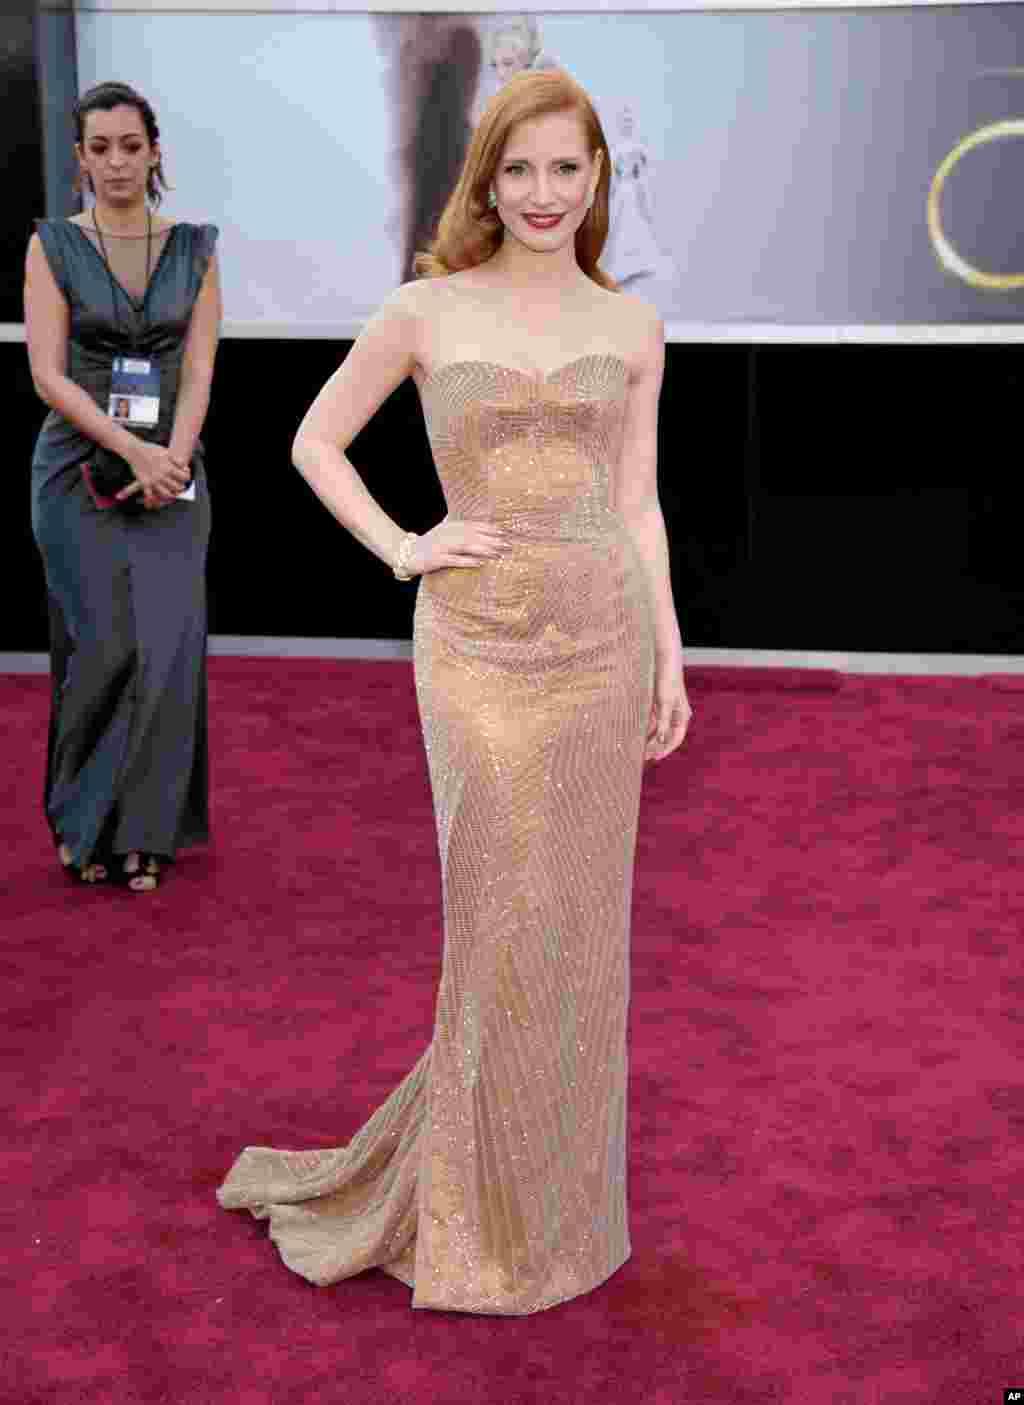 24일 아카데미 시상식을 위해 미국 로스앤젤레스 할리우드 돌비 씨어터에 도착한 배우 제시카 차스테인. 여우주연상 부문에 노미네이트되었다.